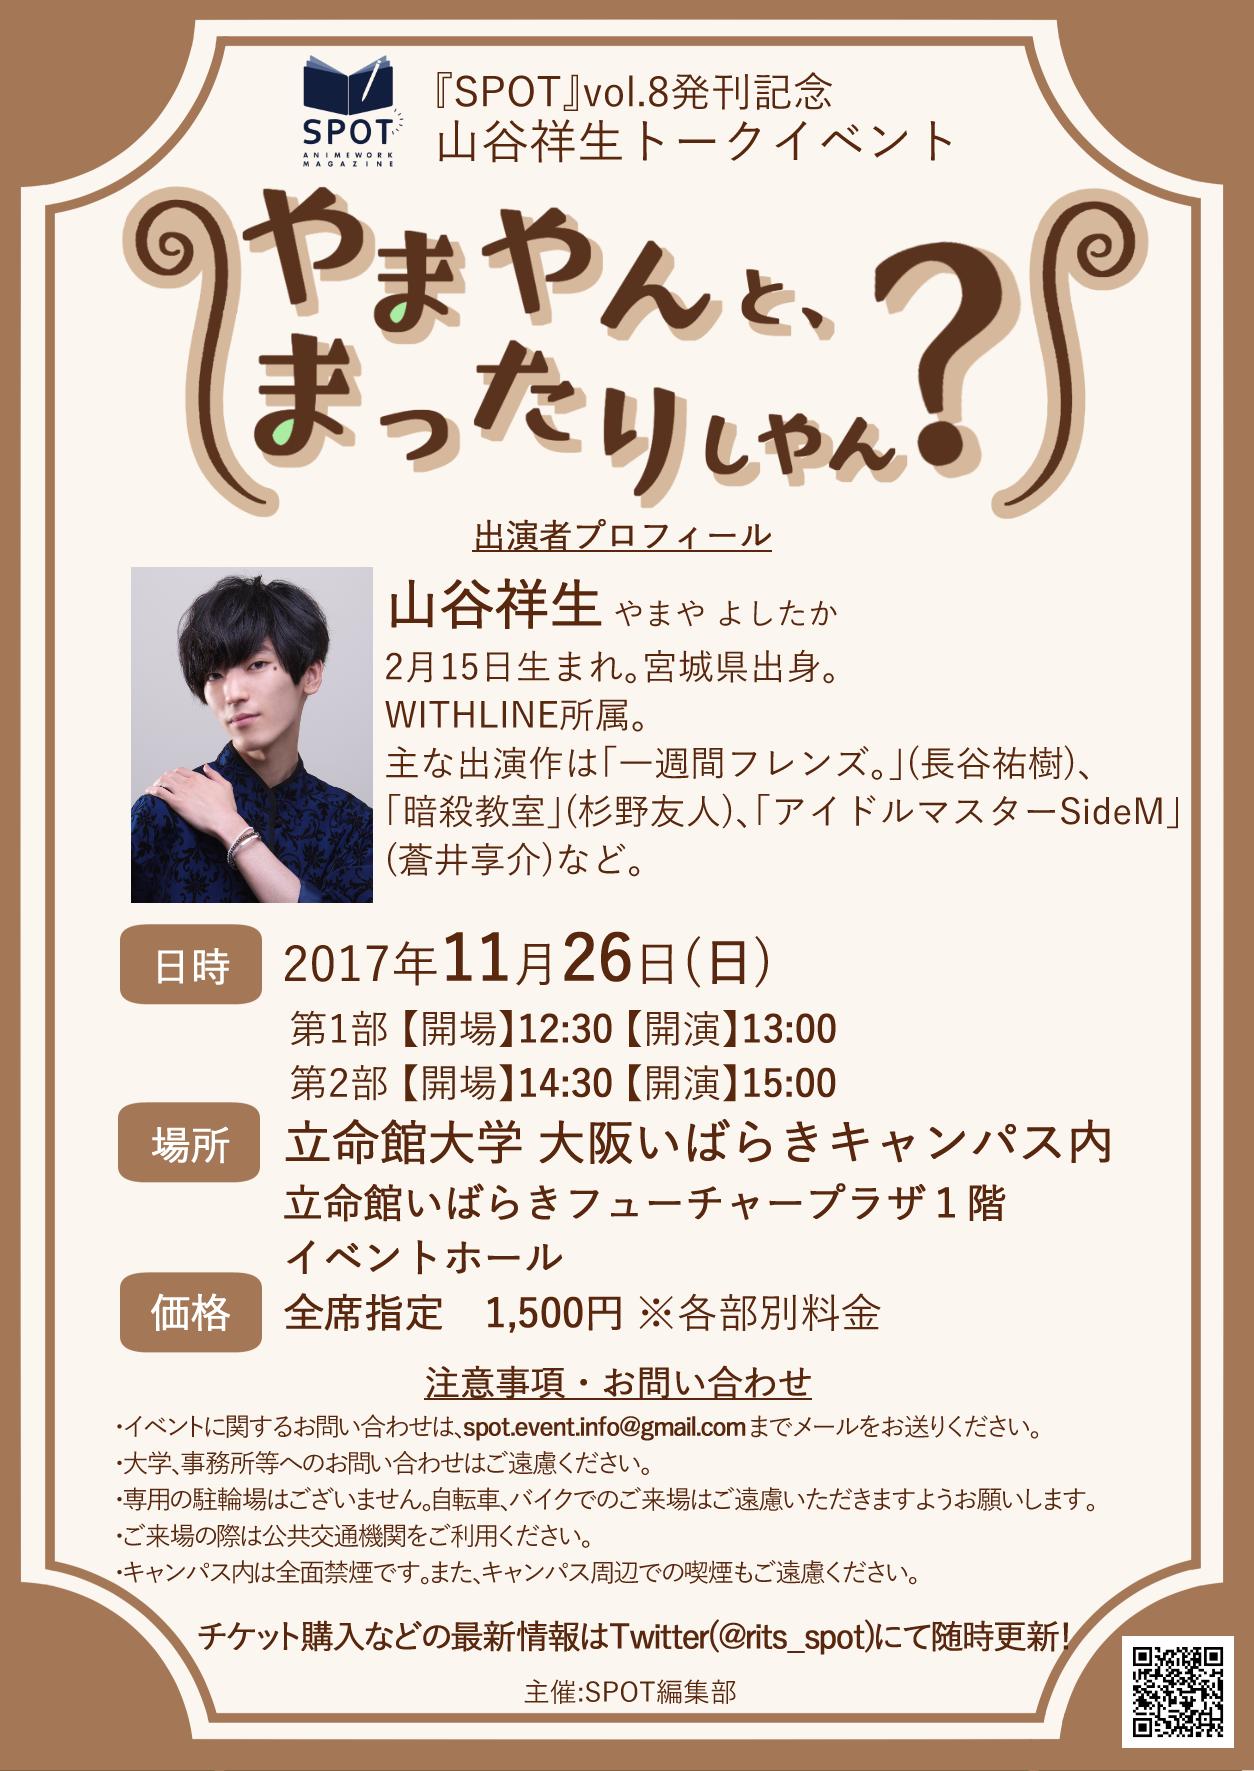 『SPOT』vol.8発刊記念 山谷祥生トークイベント~やまやんと、まったりしやん?~